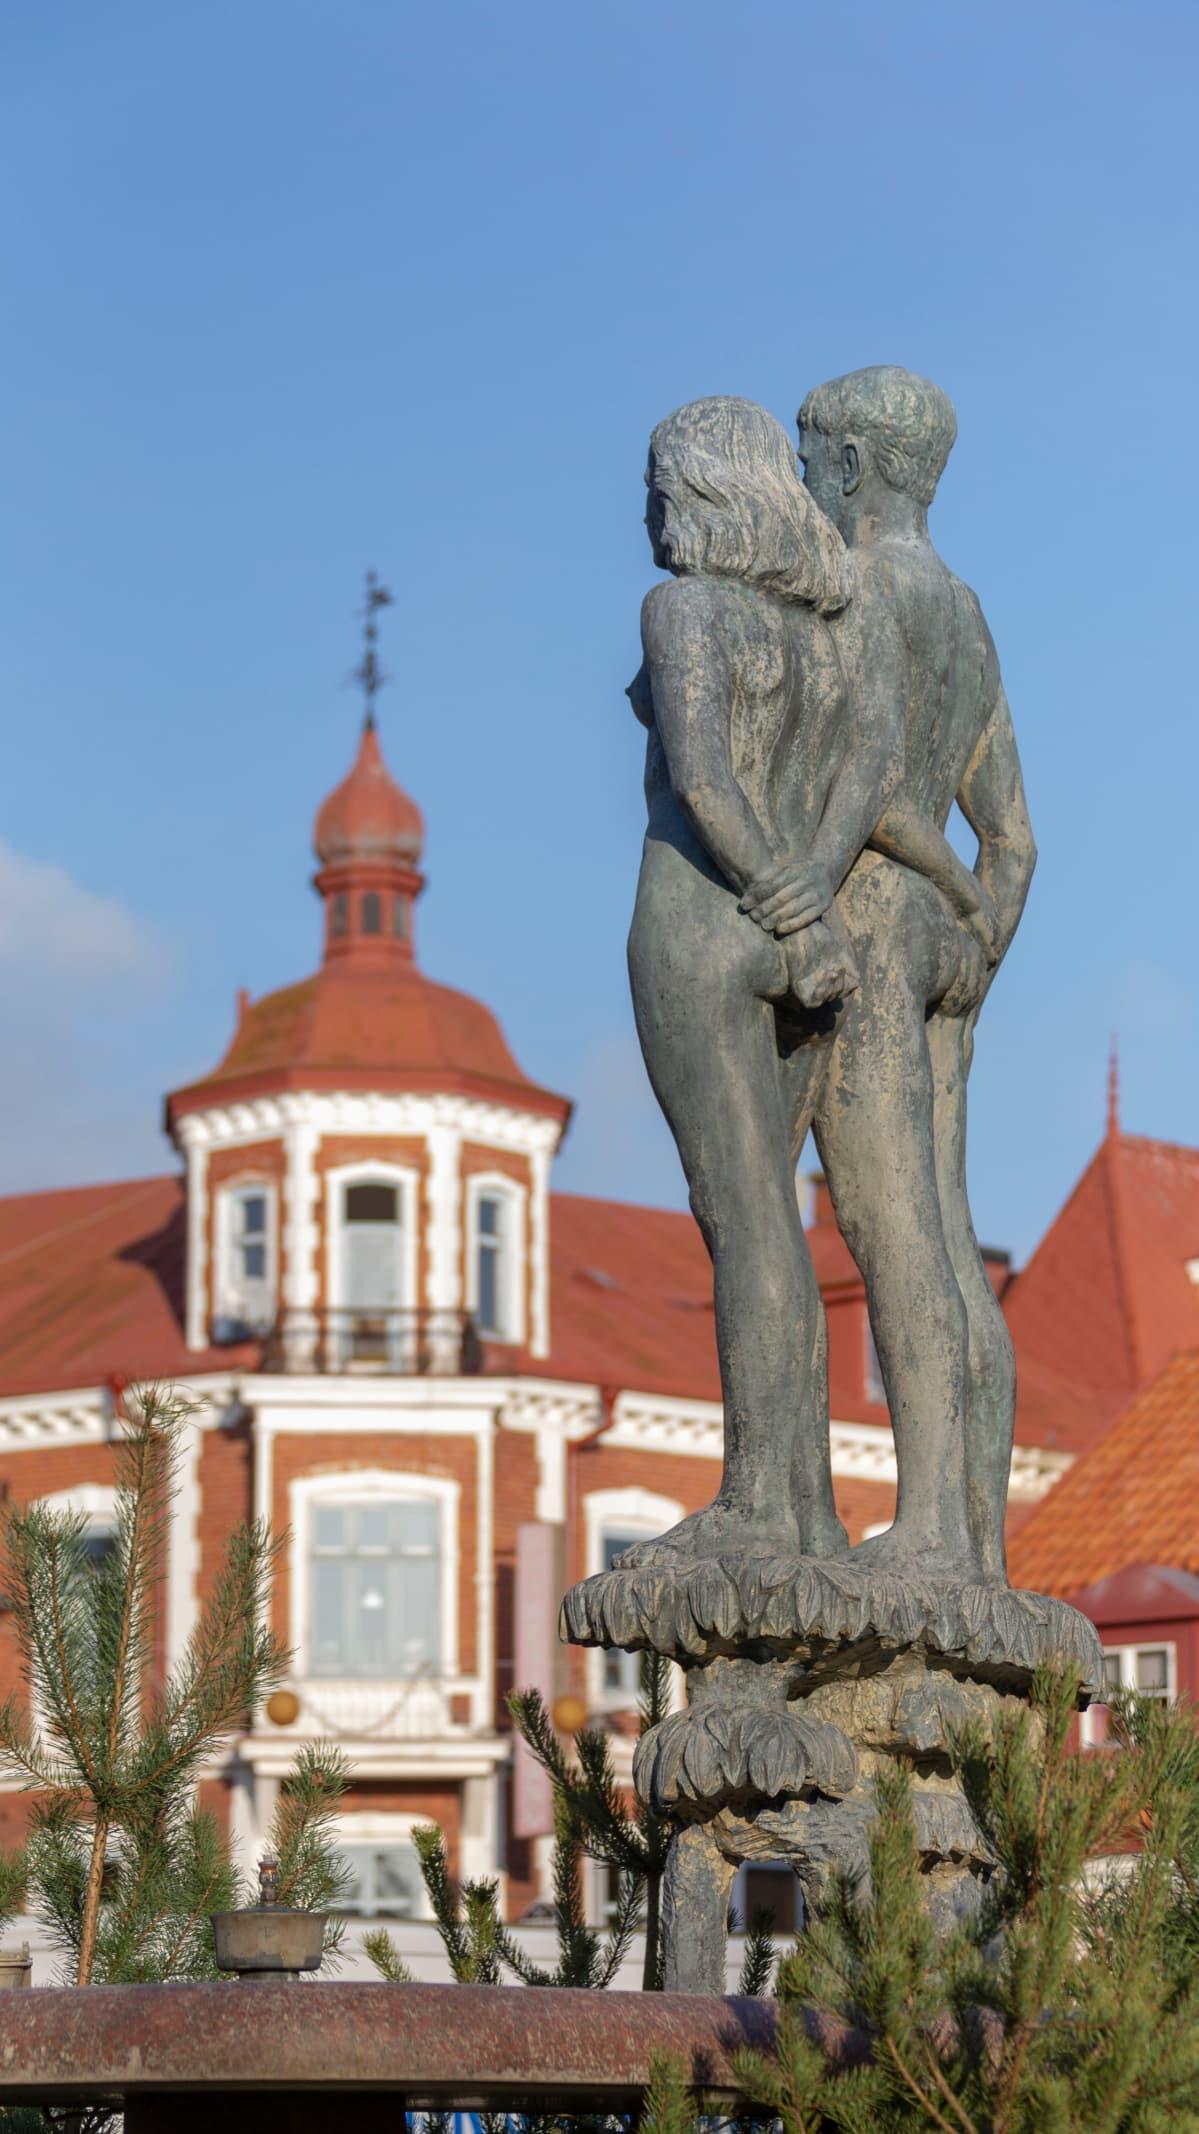 Etelä-Ruotsin Sölvesborgissa sijaitseva patsas Ask ja Embla. Ask ja Embla olivat pohjoismaisen mytologian ensimmäinen mies ja nainen.